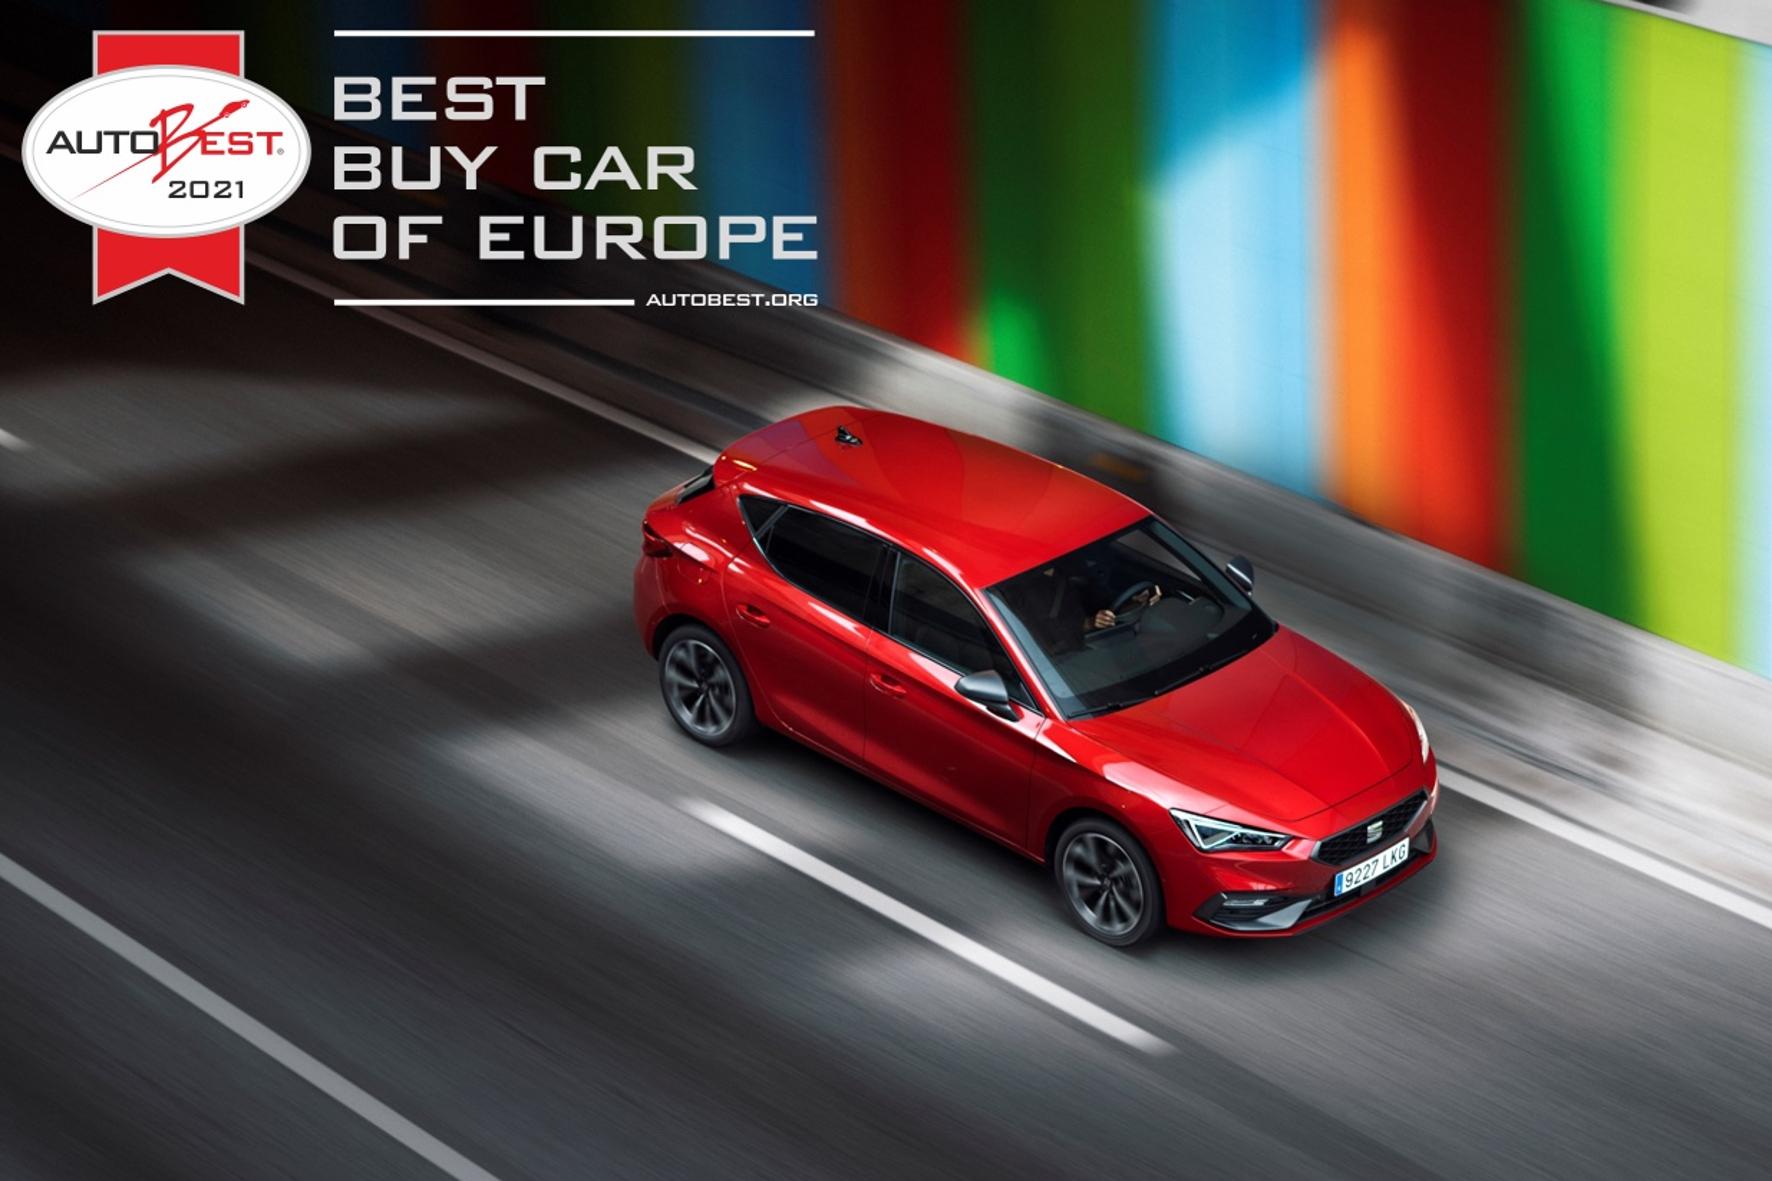 """""""Autobest""""-Sieger: Der Seat Leon ist das """"Best Buy Car of Europe 2021"""". © Seat / TRD mobil"""